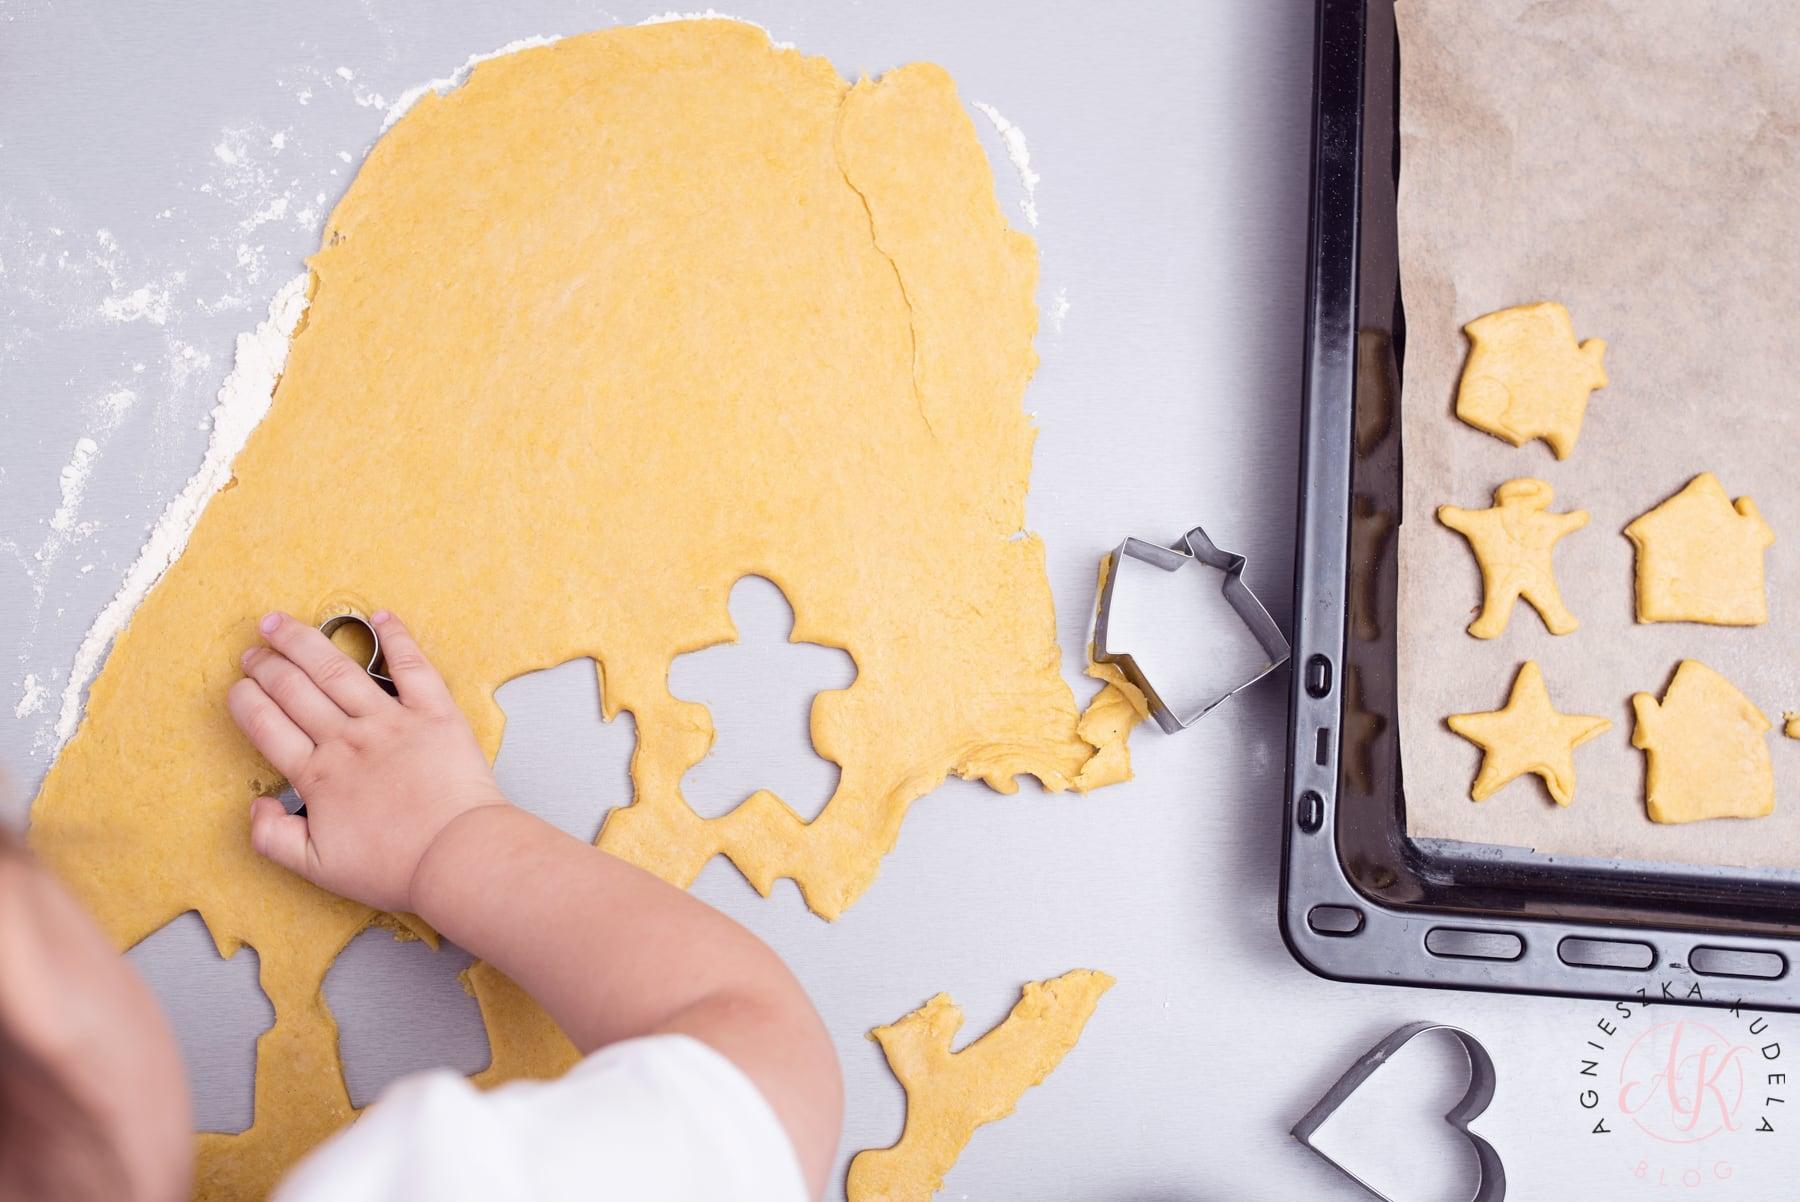 przepis na ciastka bez laktozy